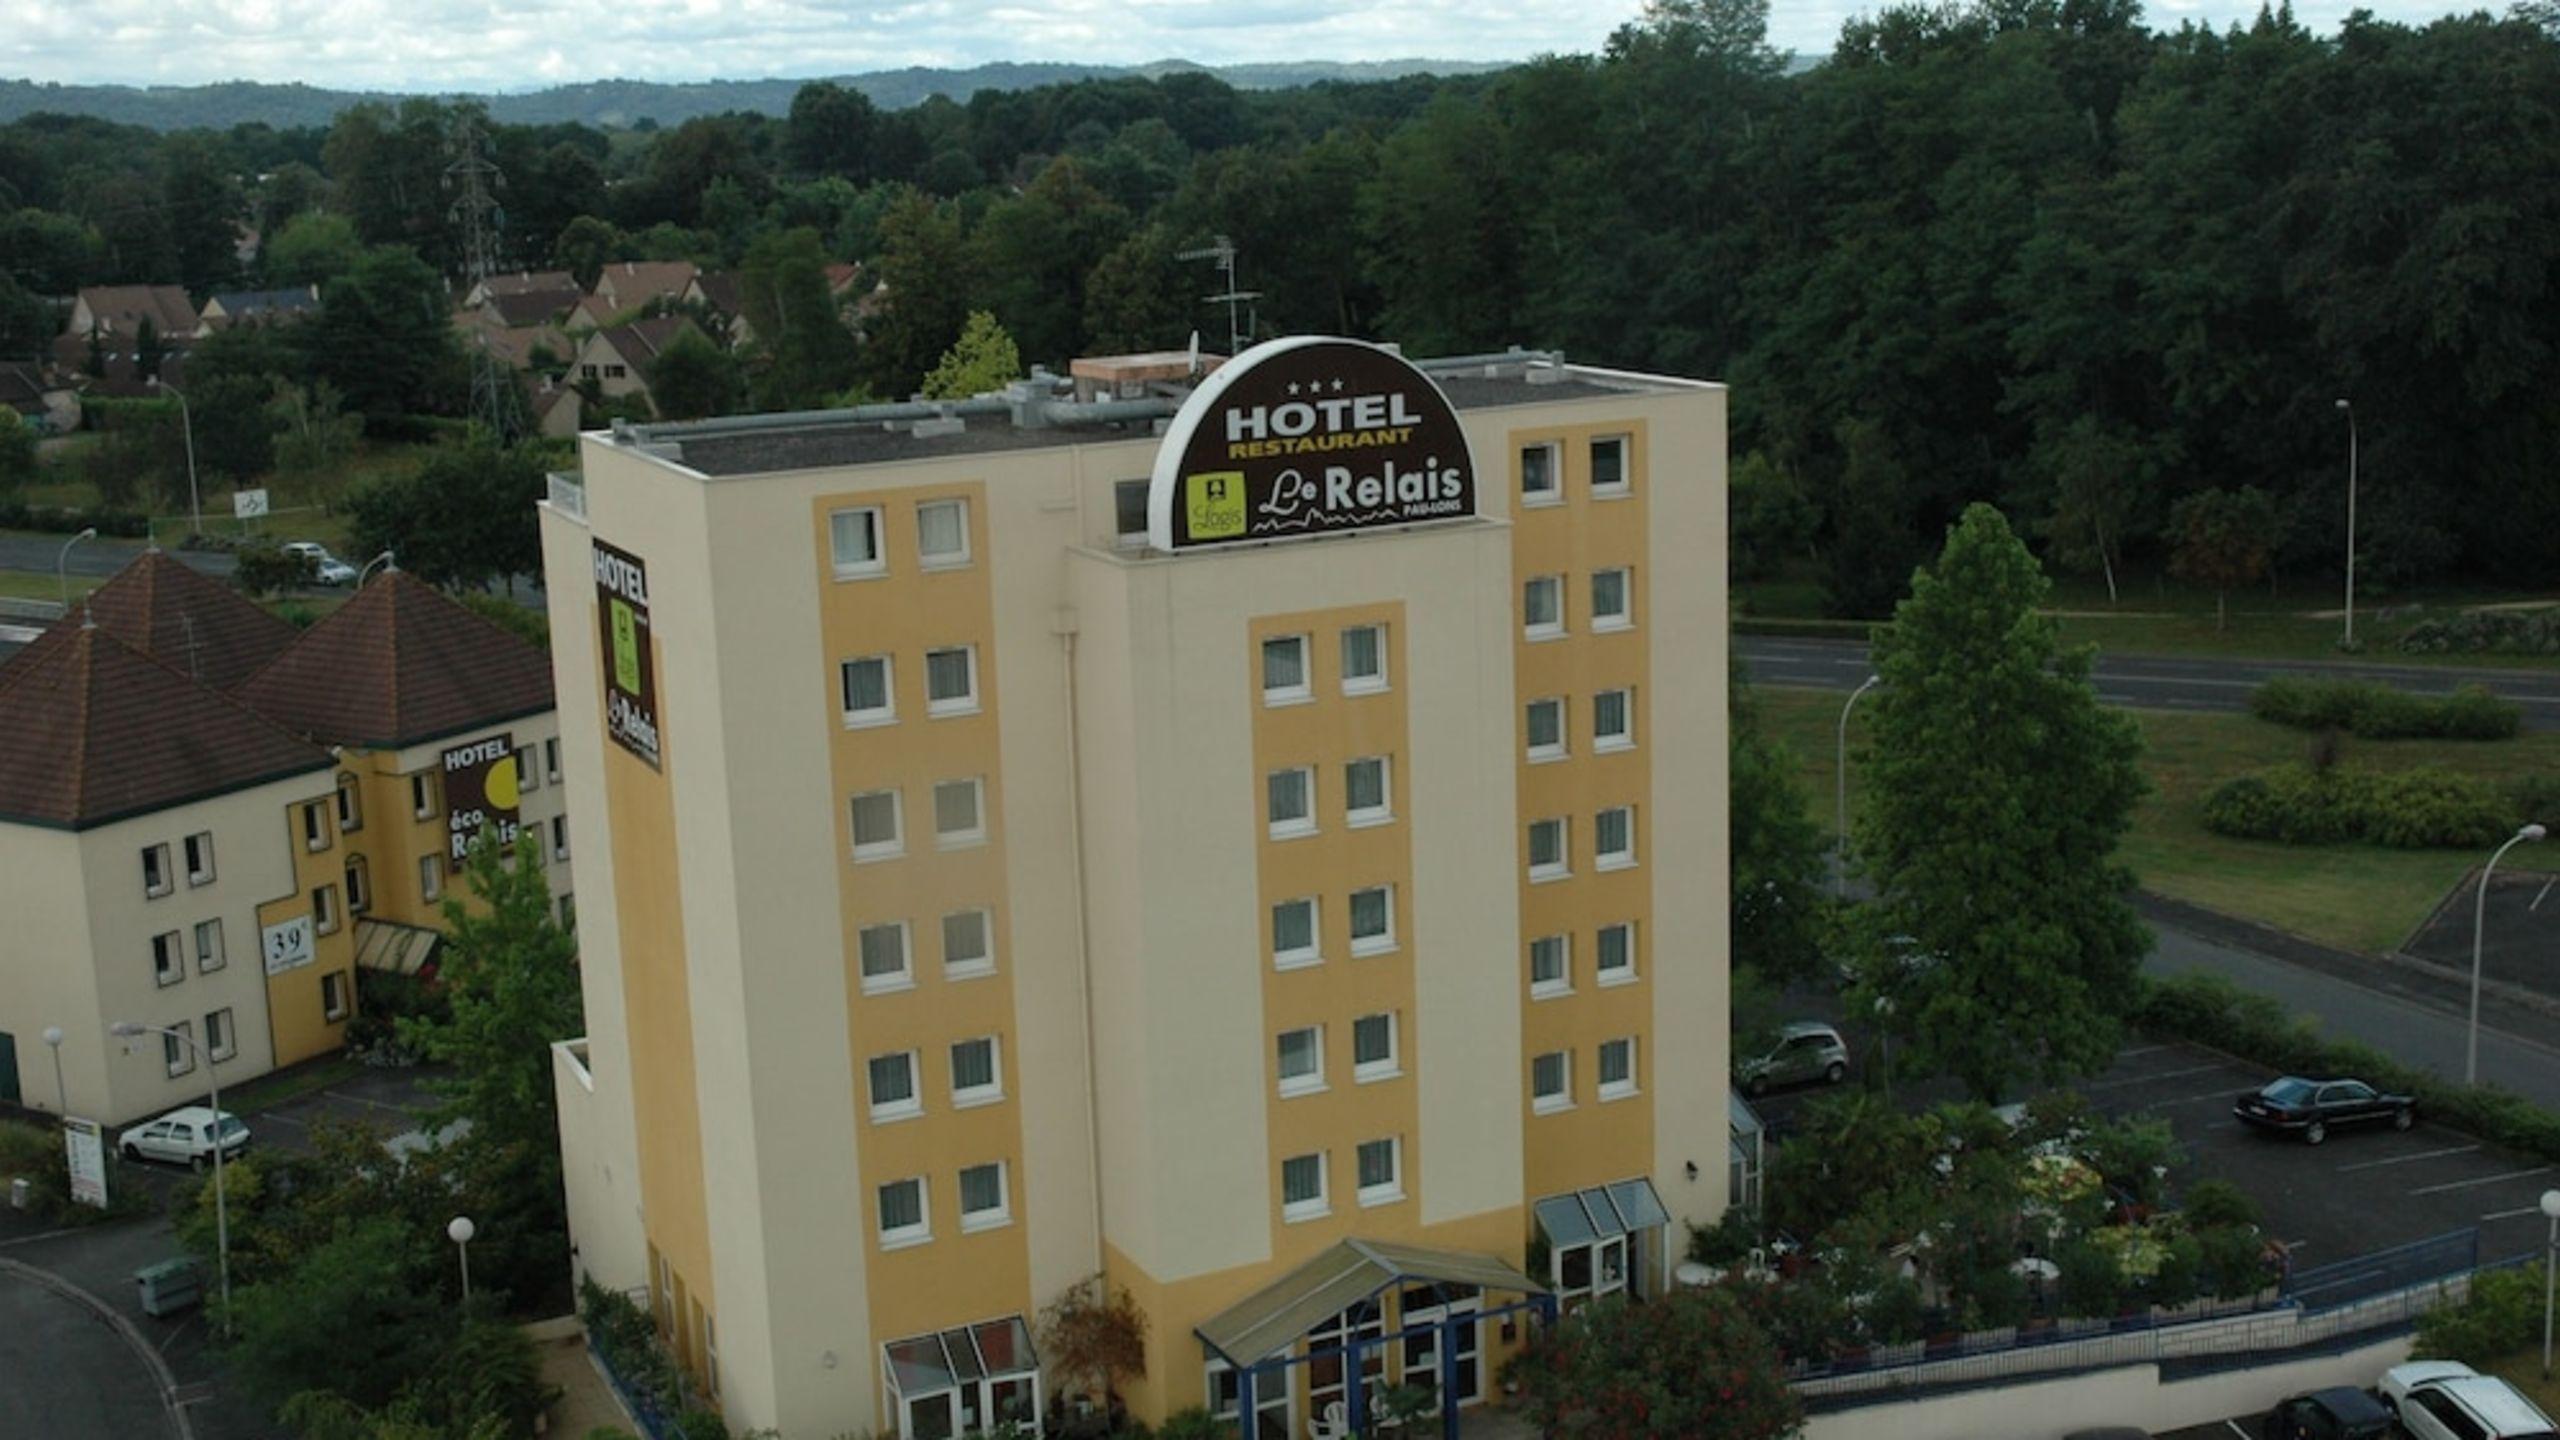 Hôtel Le Relais | Etstur tout Piscine Lons